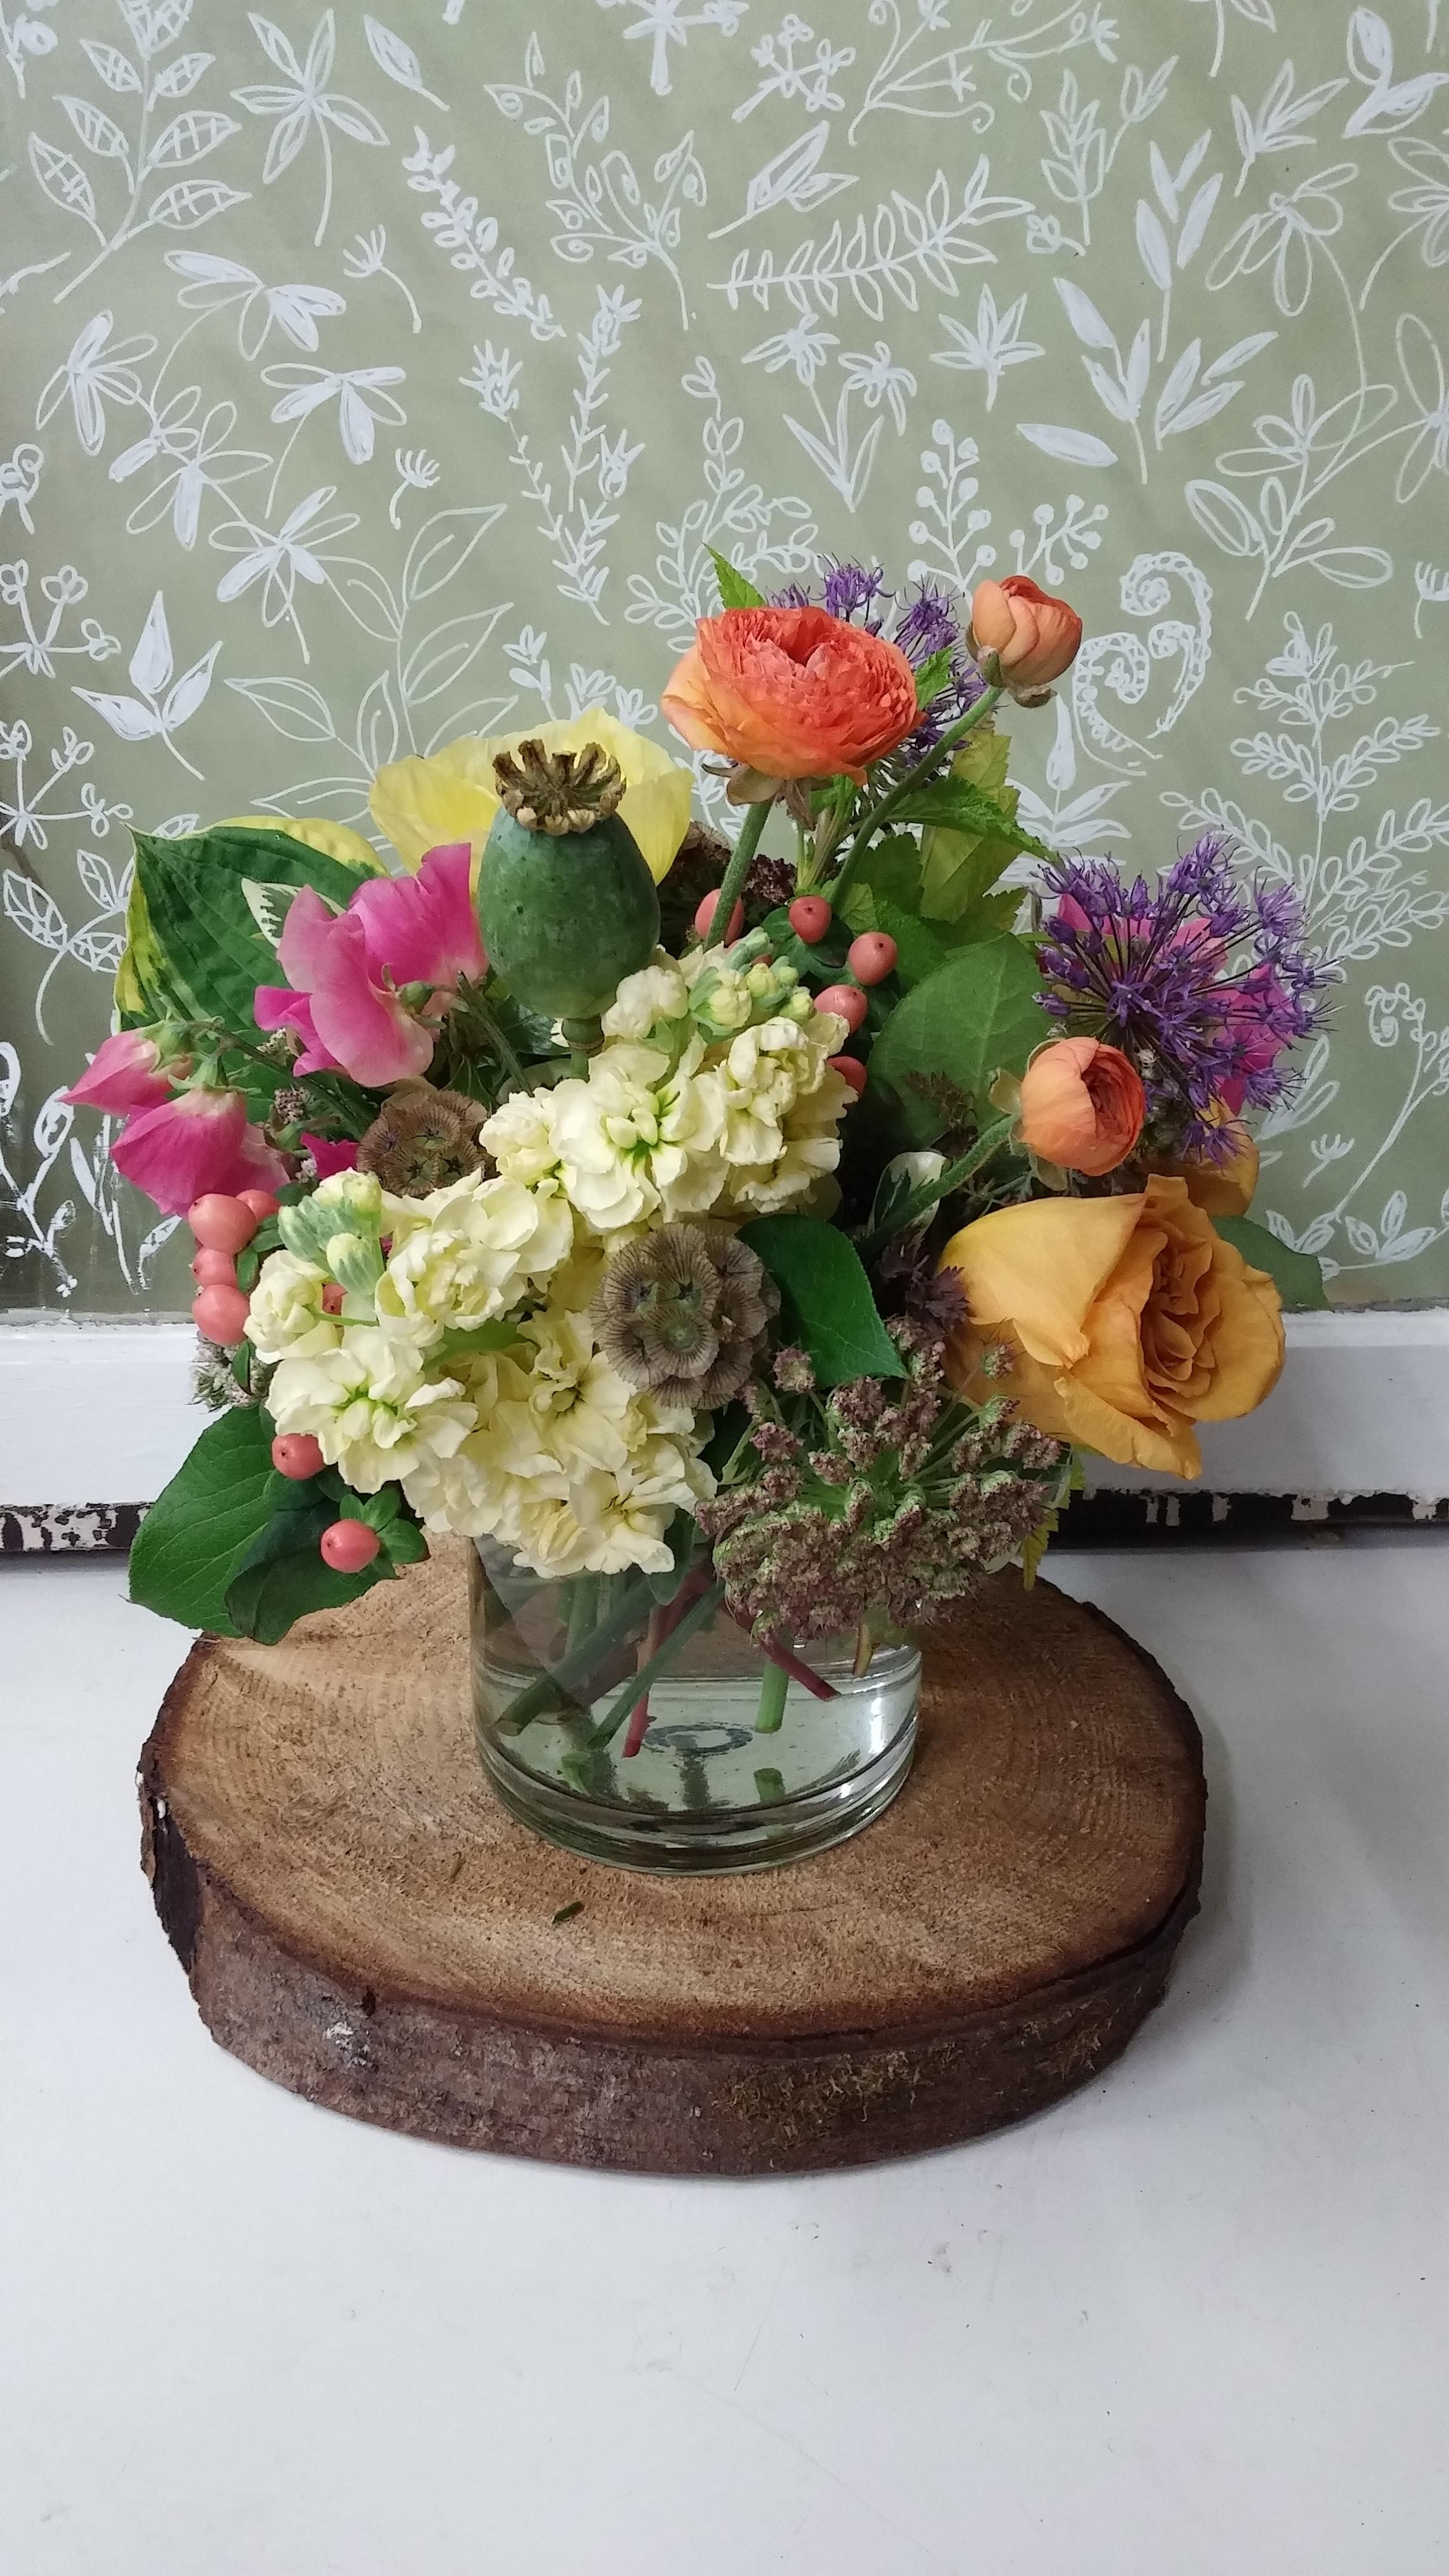 7. Soft palette, eclectic summery bouquet